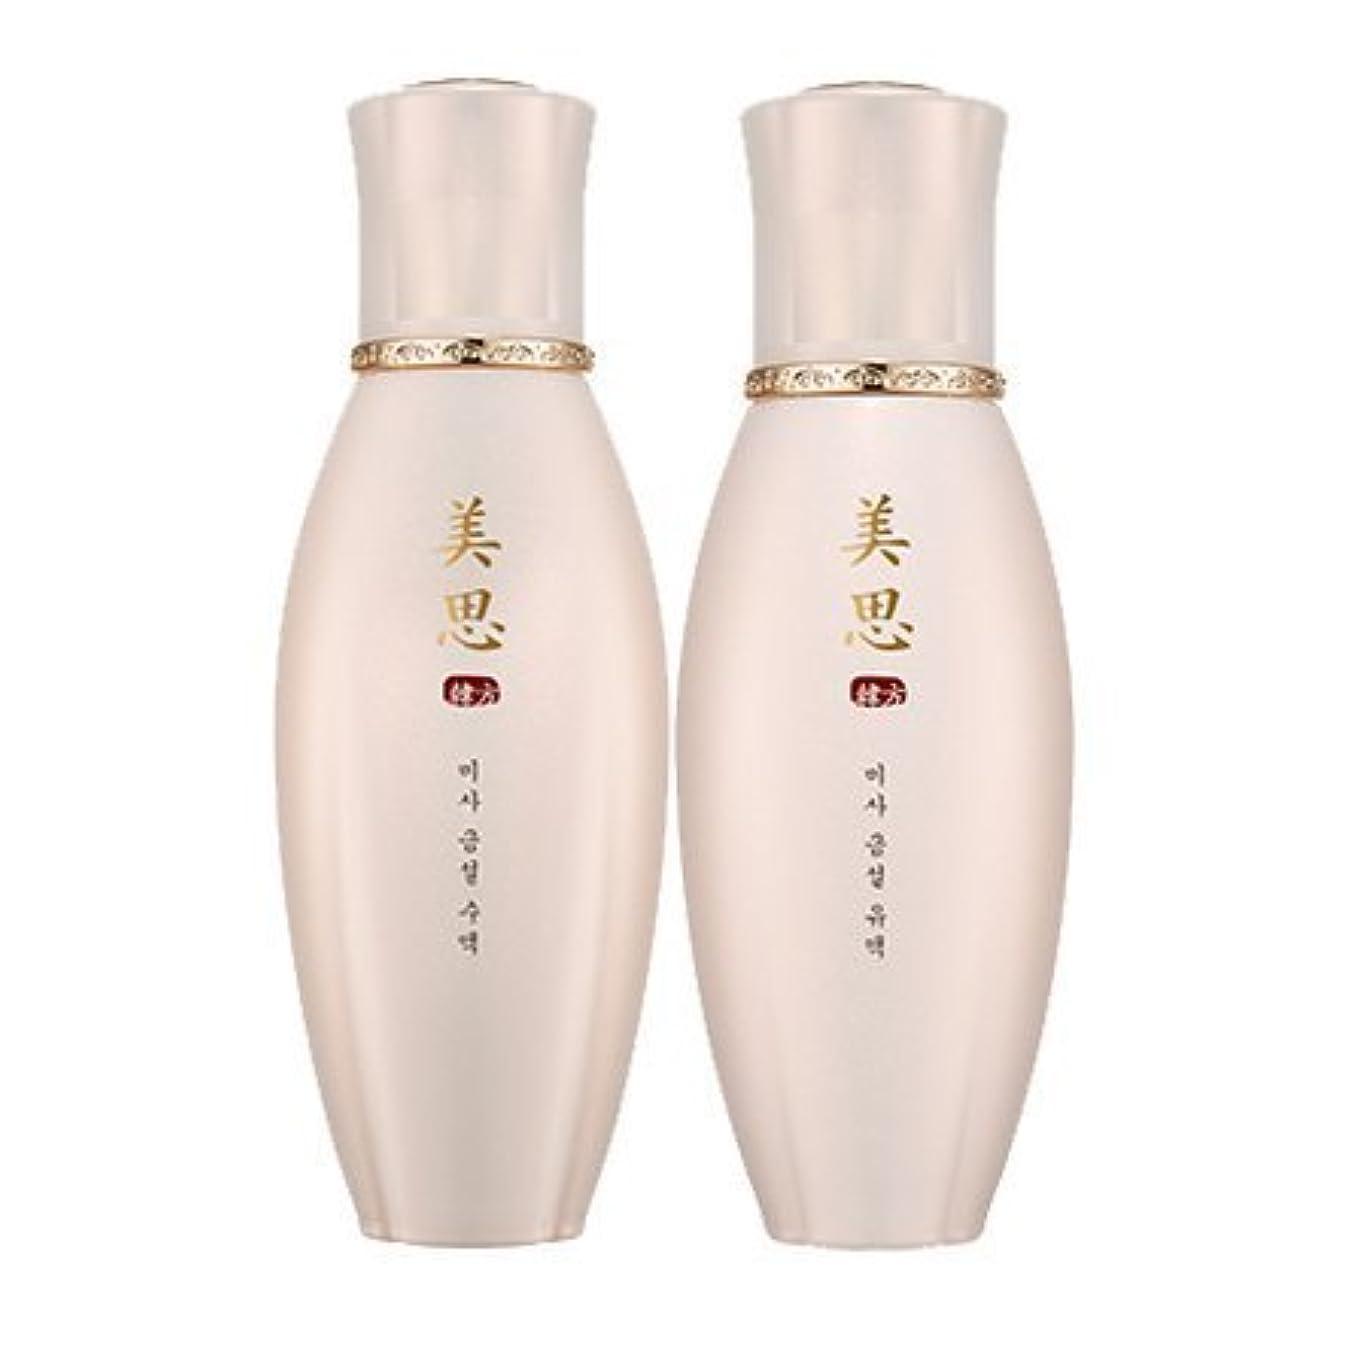 ほのめかす第五暴力的なMISSHA(ミシャ) 美思 韓方 クムソル(金雪) 基礎化粧品 スキンケア 化粧水+乳液=お得2種Set